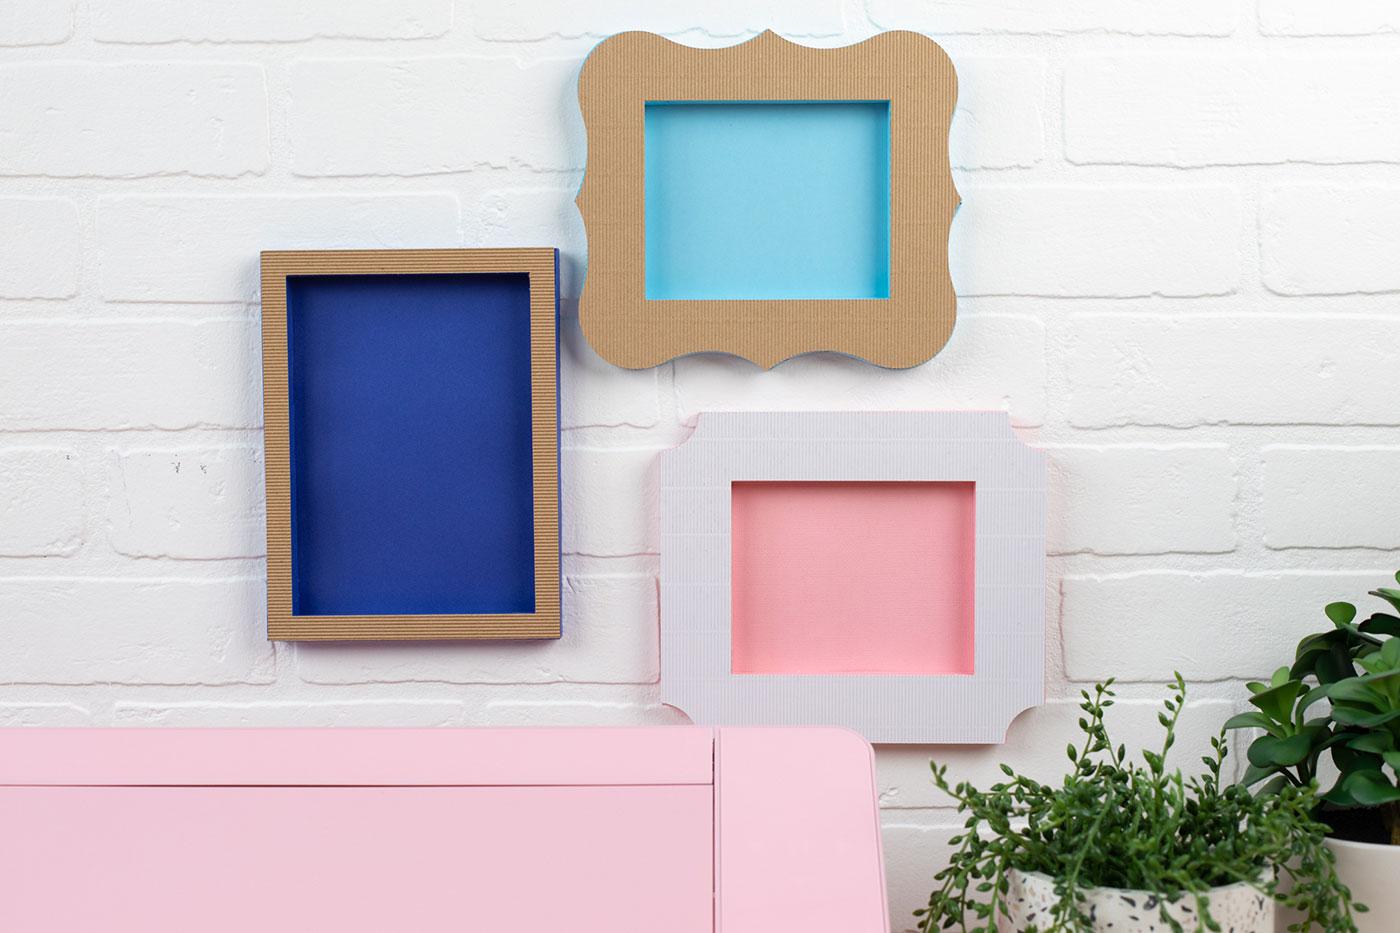 Cornici-in-cartoncino-corrugato-Idee-creative-Silhouette